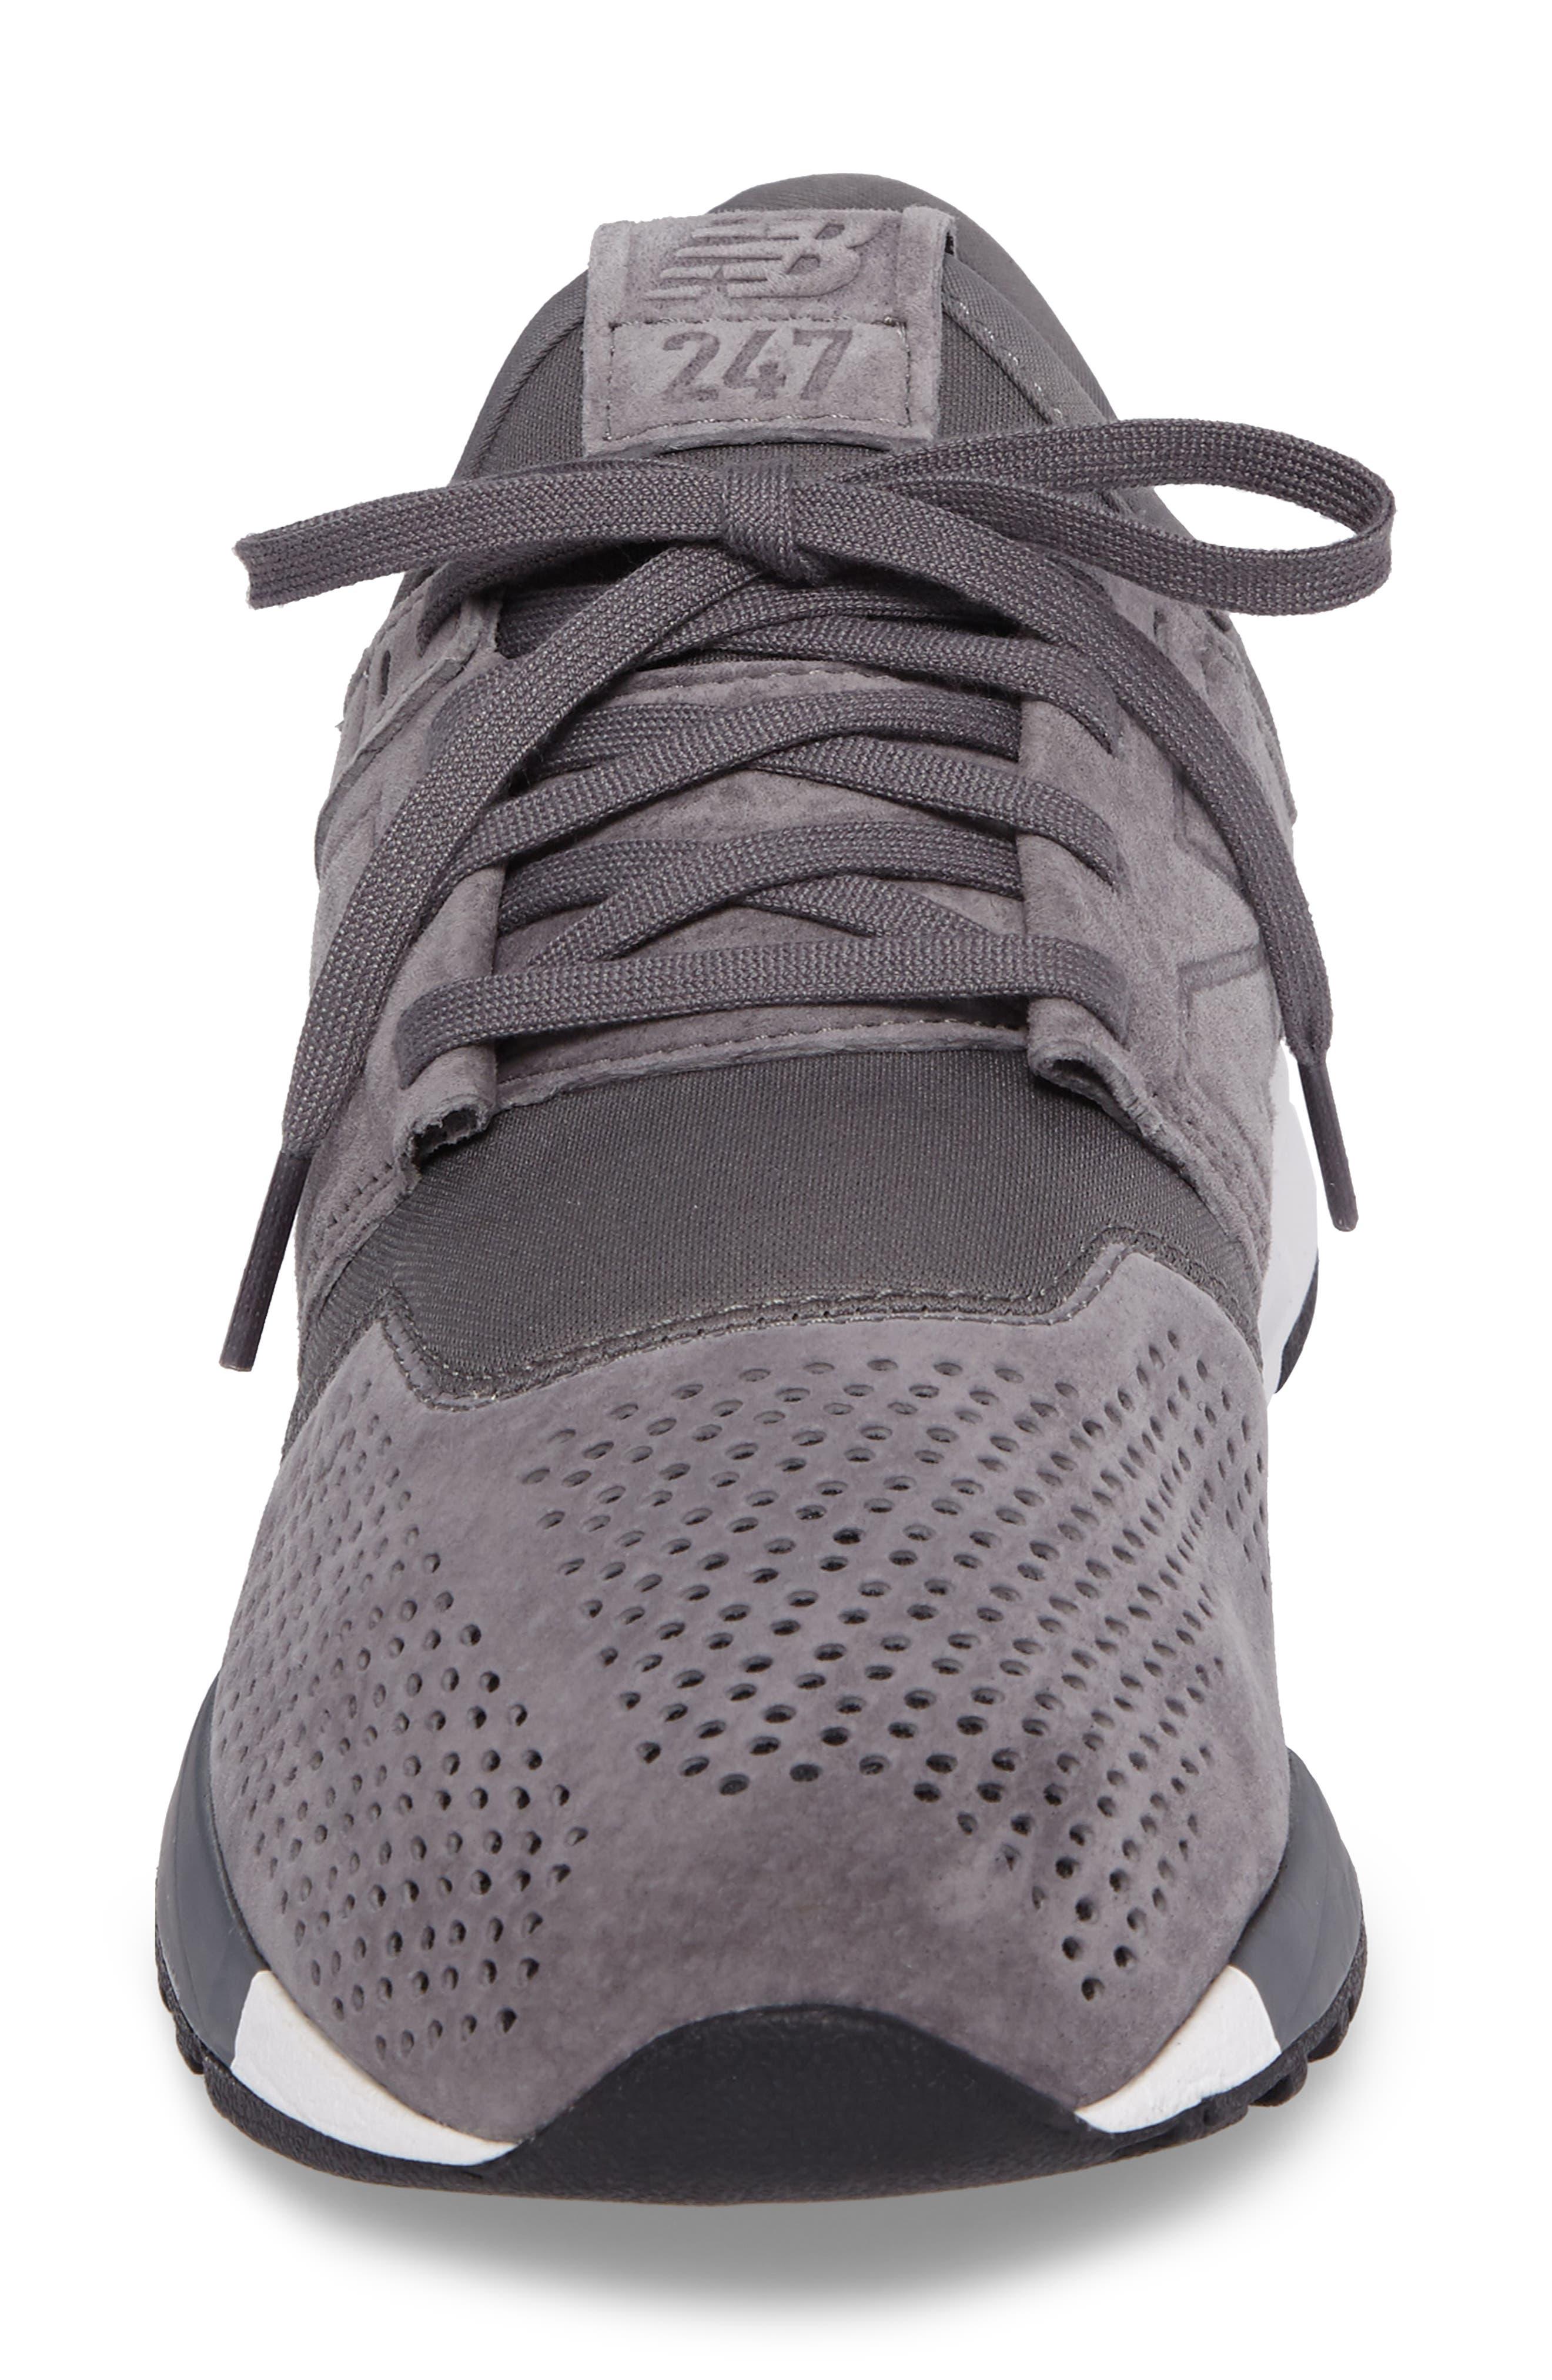 247 Sneaker,                             Alternate thumbnail 7, color,